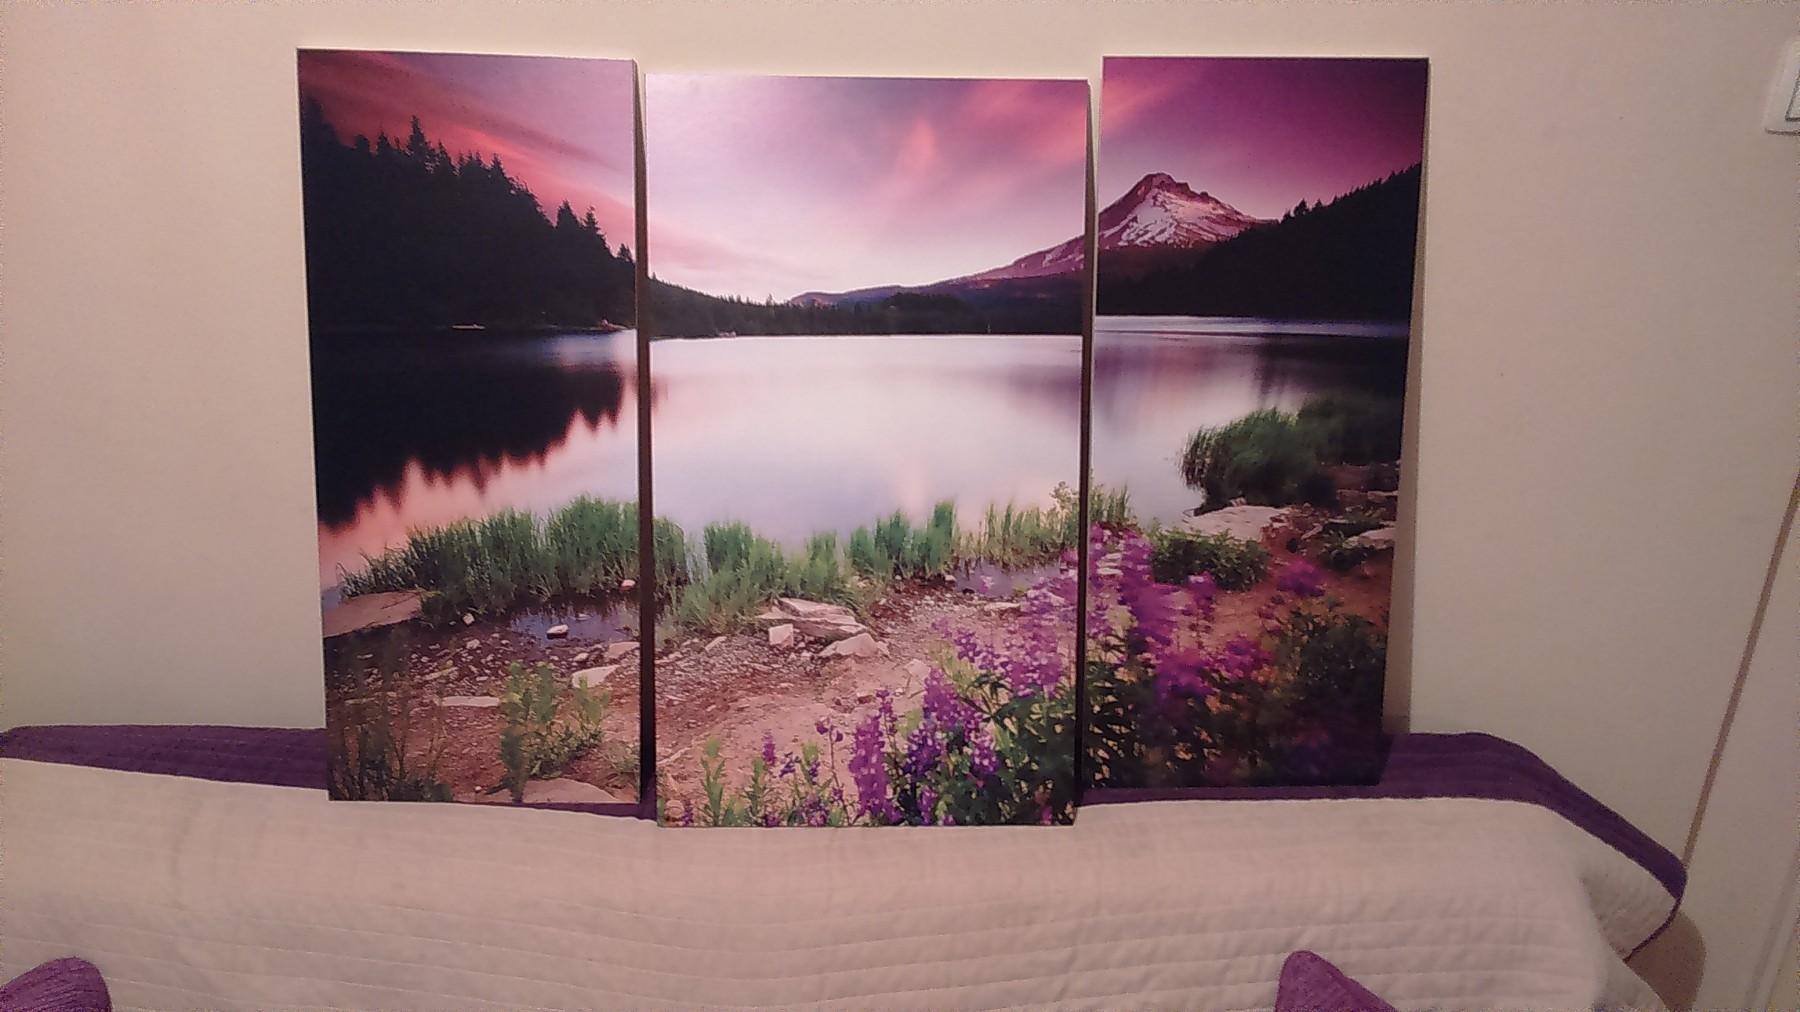 Slike Za Zid Iz Tri Dela Novo I Najpovoljnije Kupindo Com 31086273